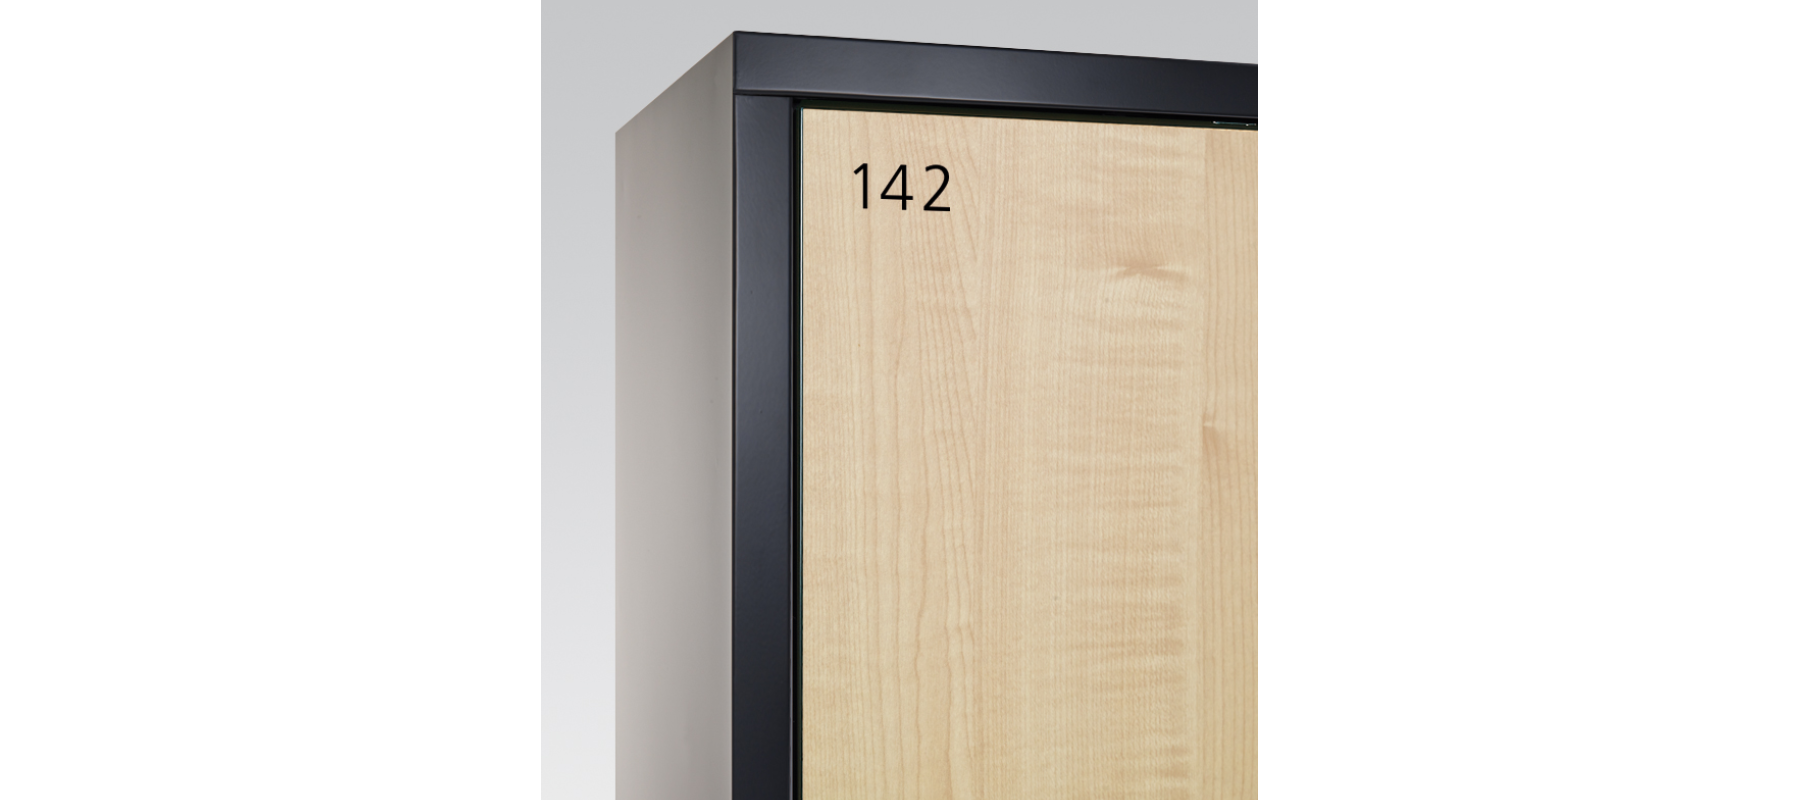 szatnie szafy schowkowe cp detale - 11